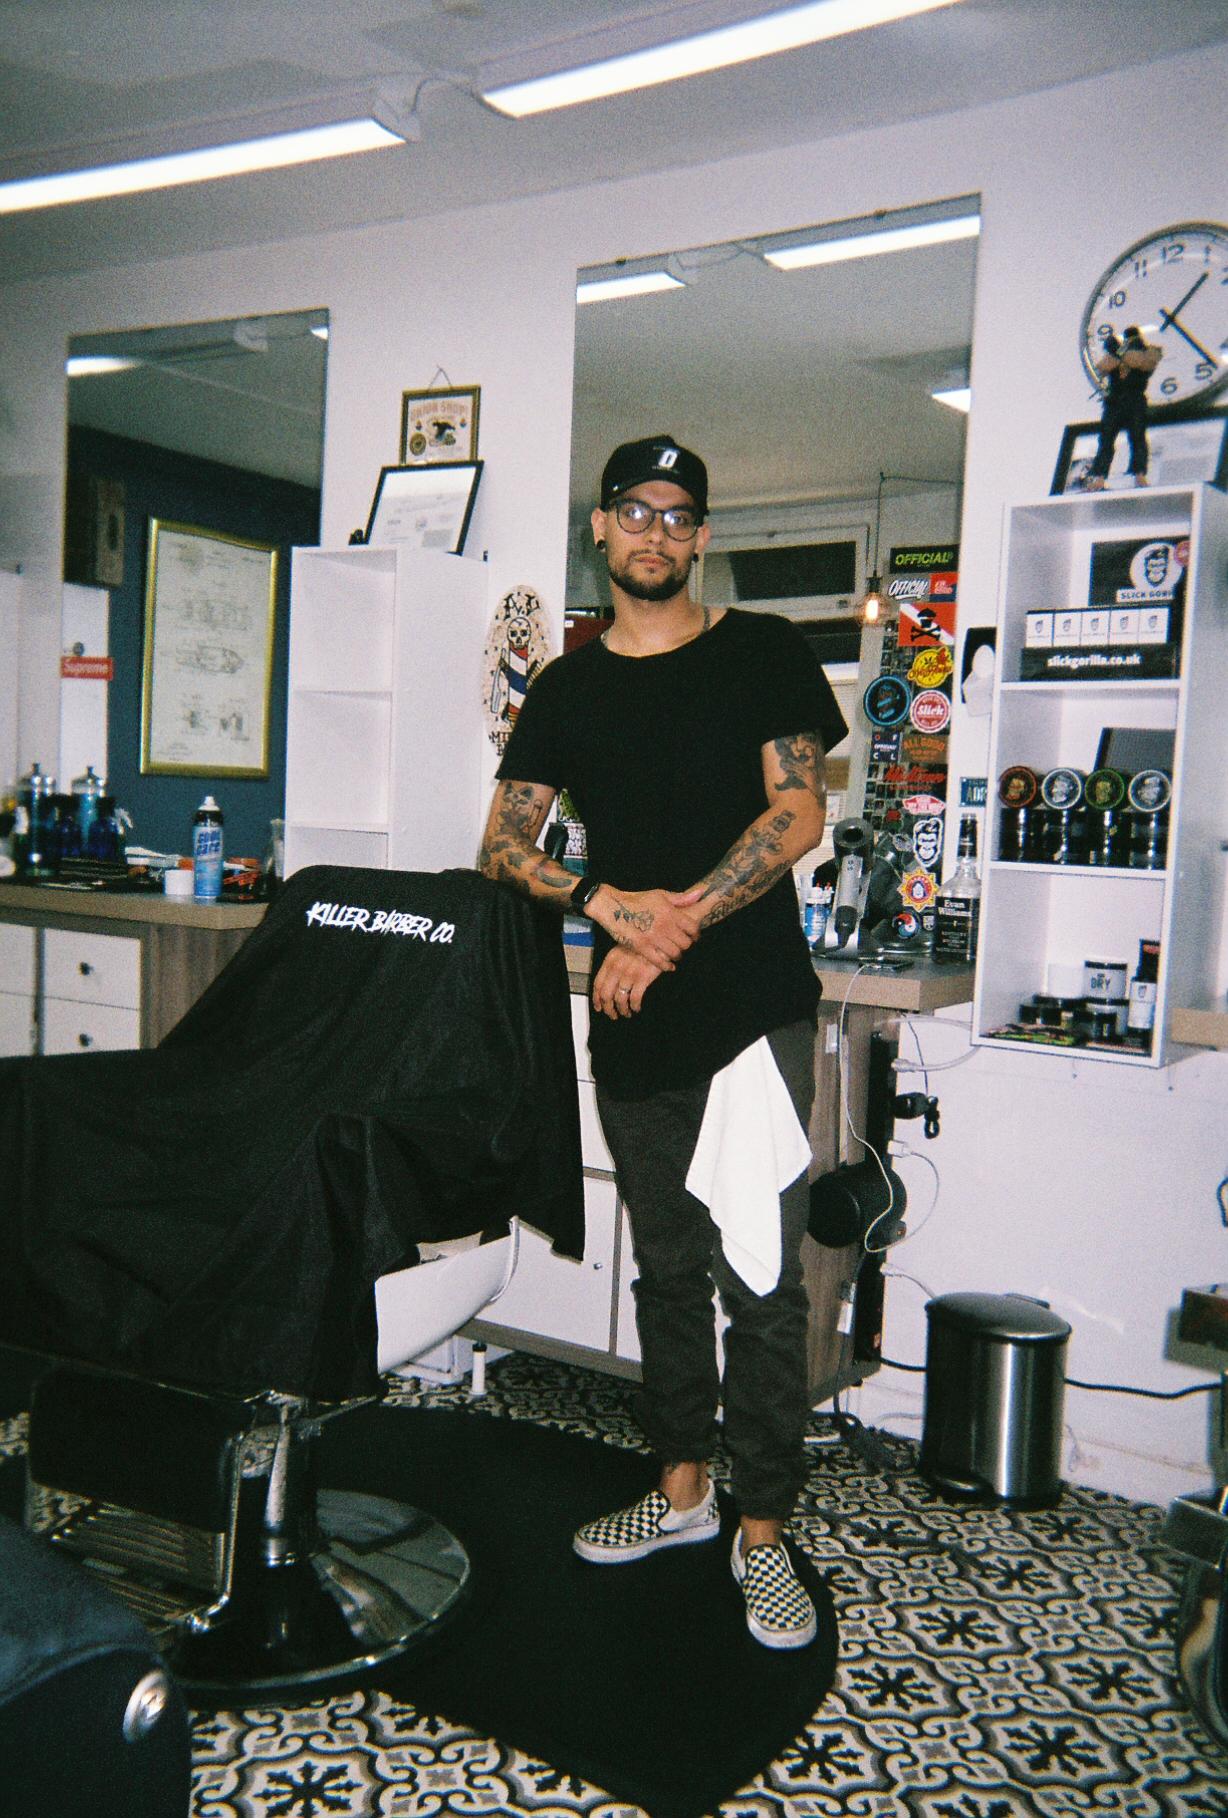 Midtown Barber Shop - Adrian Olivares @adrianvalentinethebarber